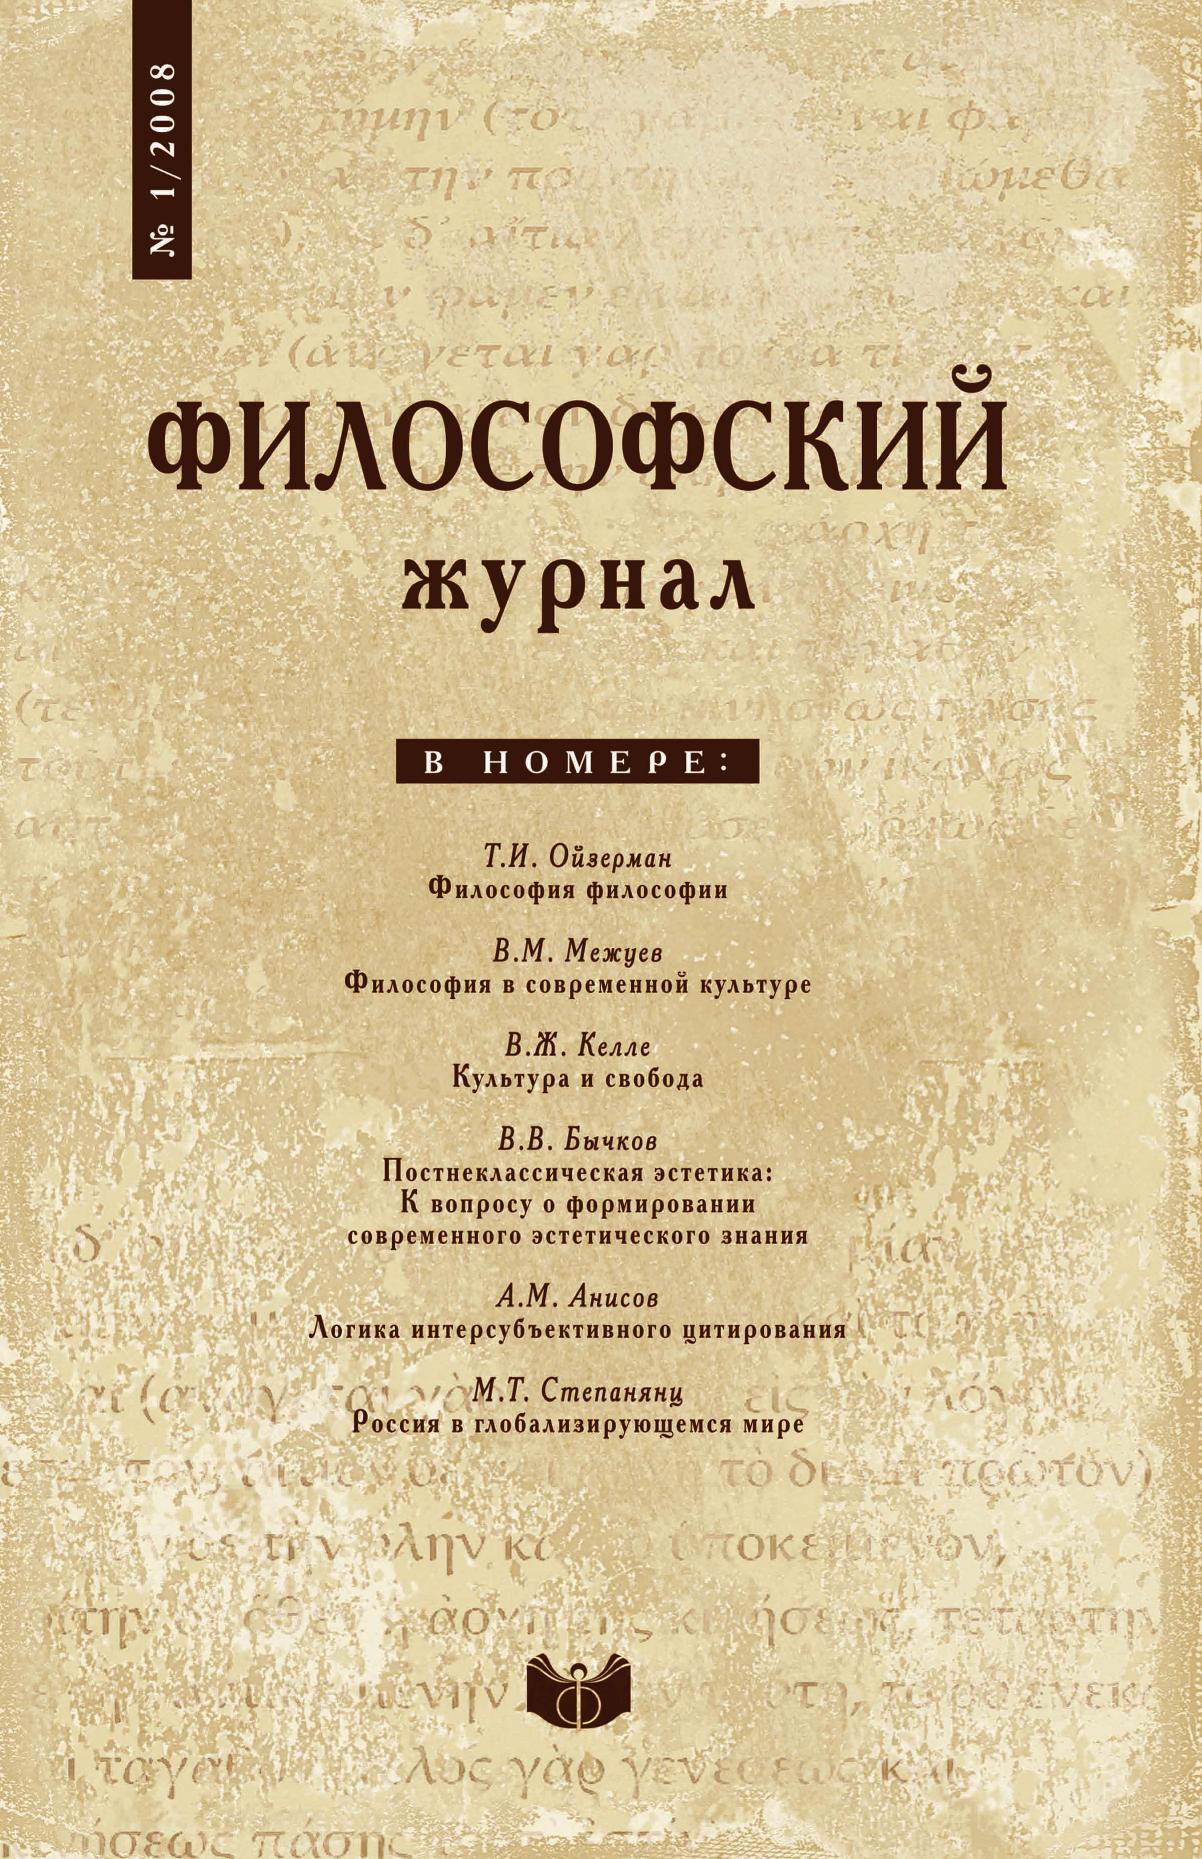 сборник Философский журнал. . 1 2008